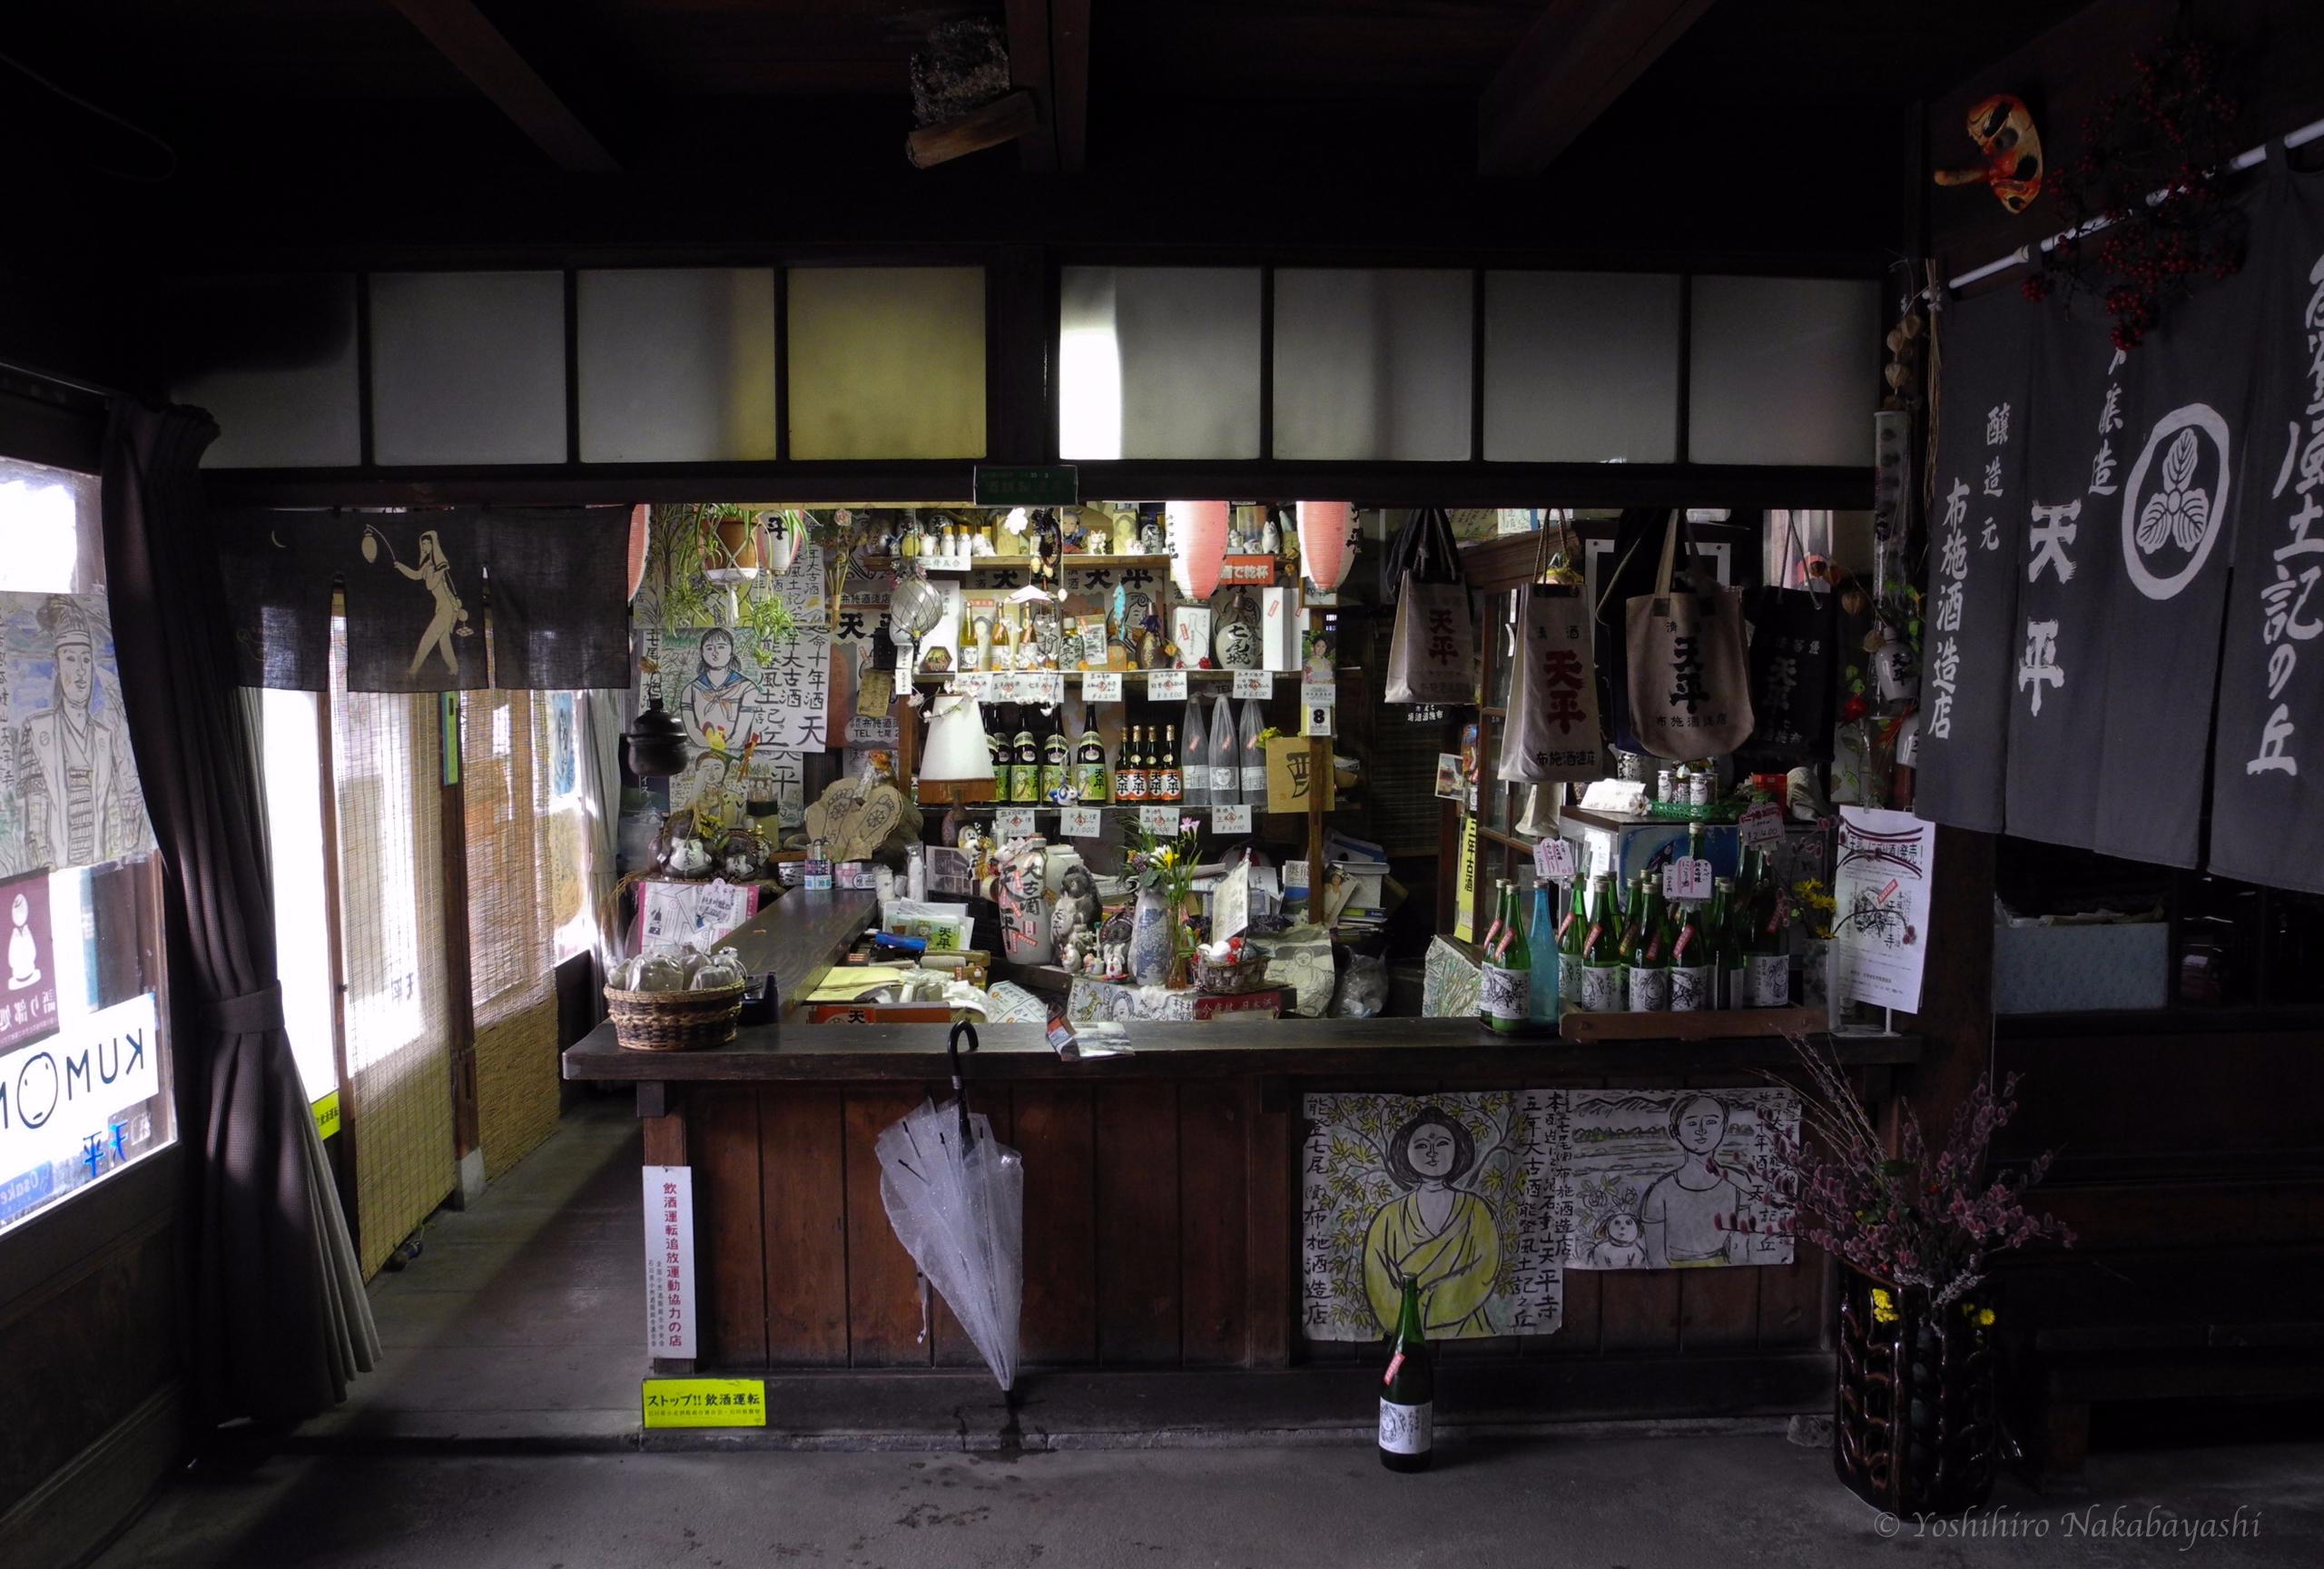 石川県七尾市:老舗酒蔵の店先 - yottayoct | ello